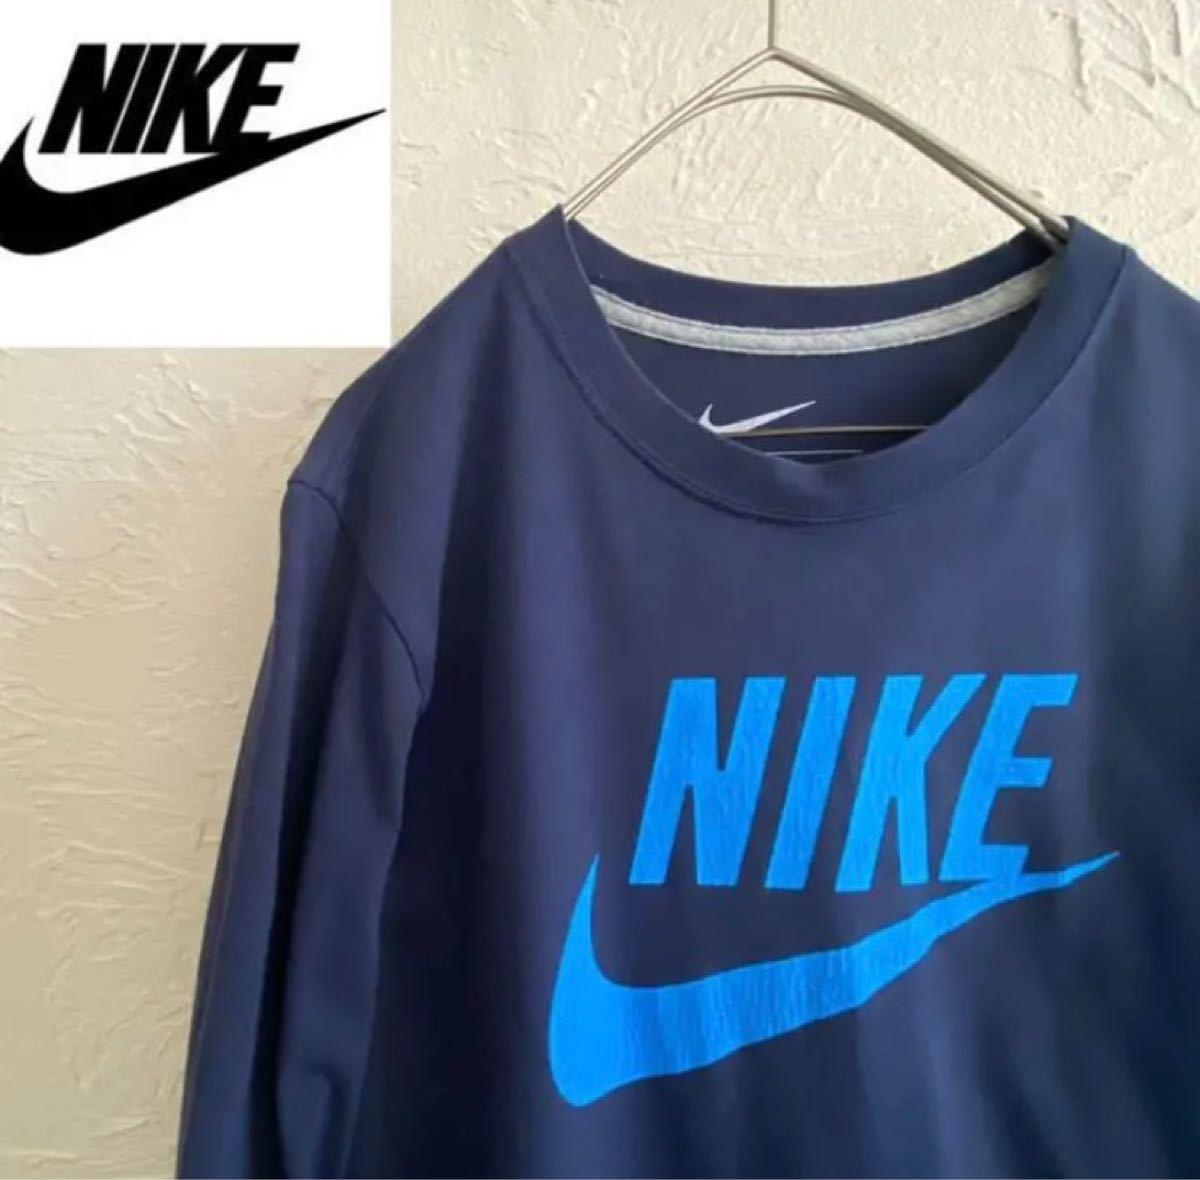 【デカロゴ】NIKE、ナイキ 長袖 Tシャツ デカロゴ、ビッグロゴ